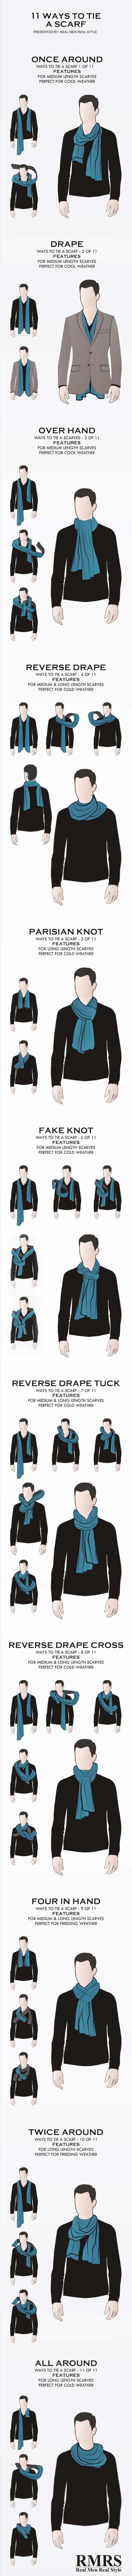 maneras de atar una bufanda, formas súper elegantes para atar una bufanda